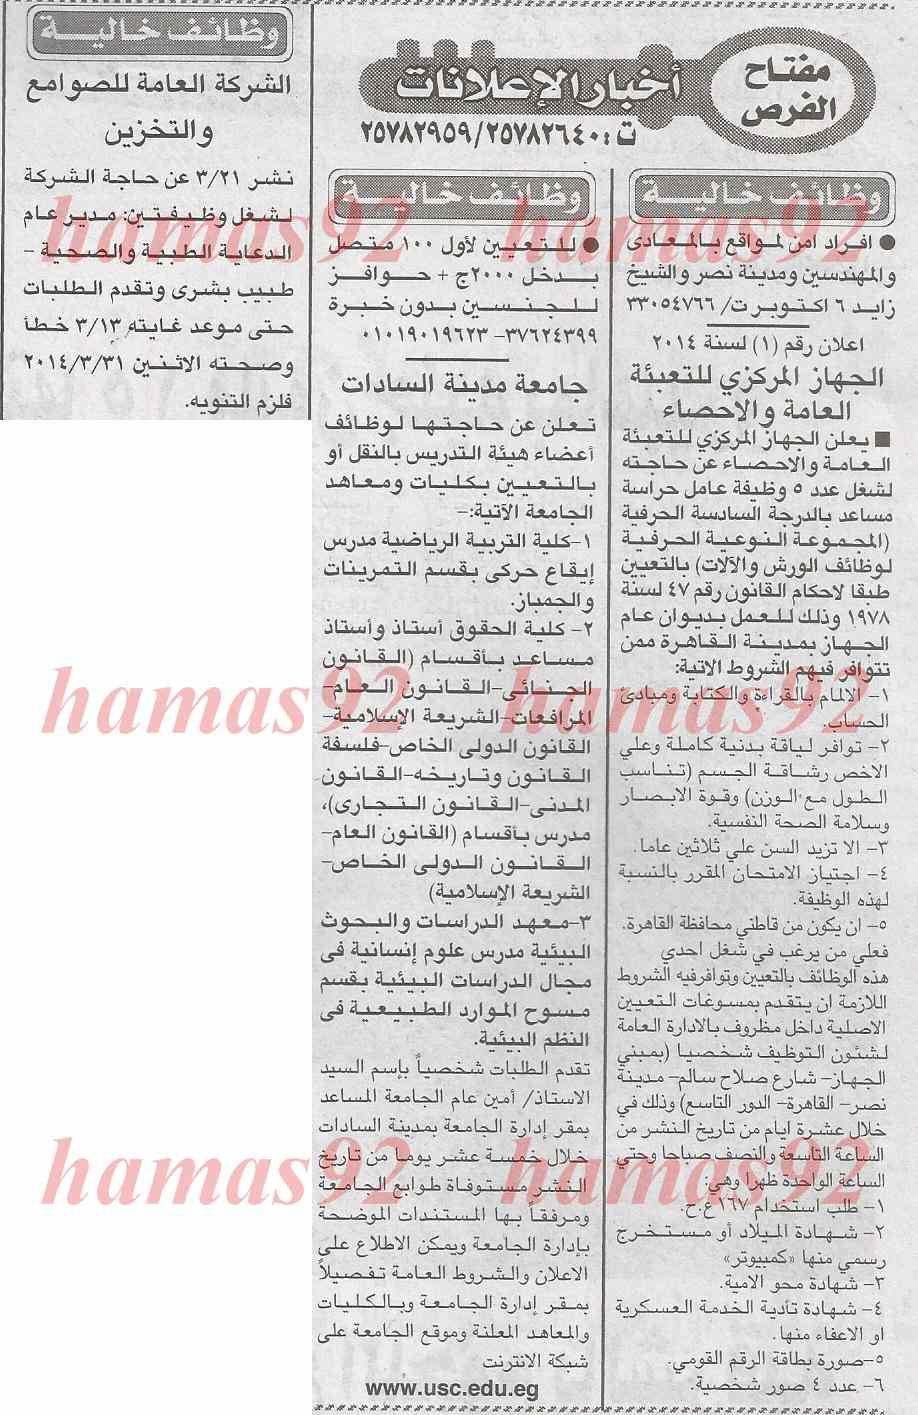 وظائف جريدة الاخبار اليوم الجمعة 28-3-2014